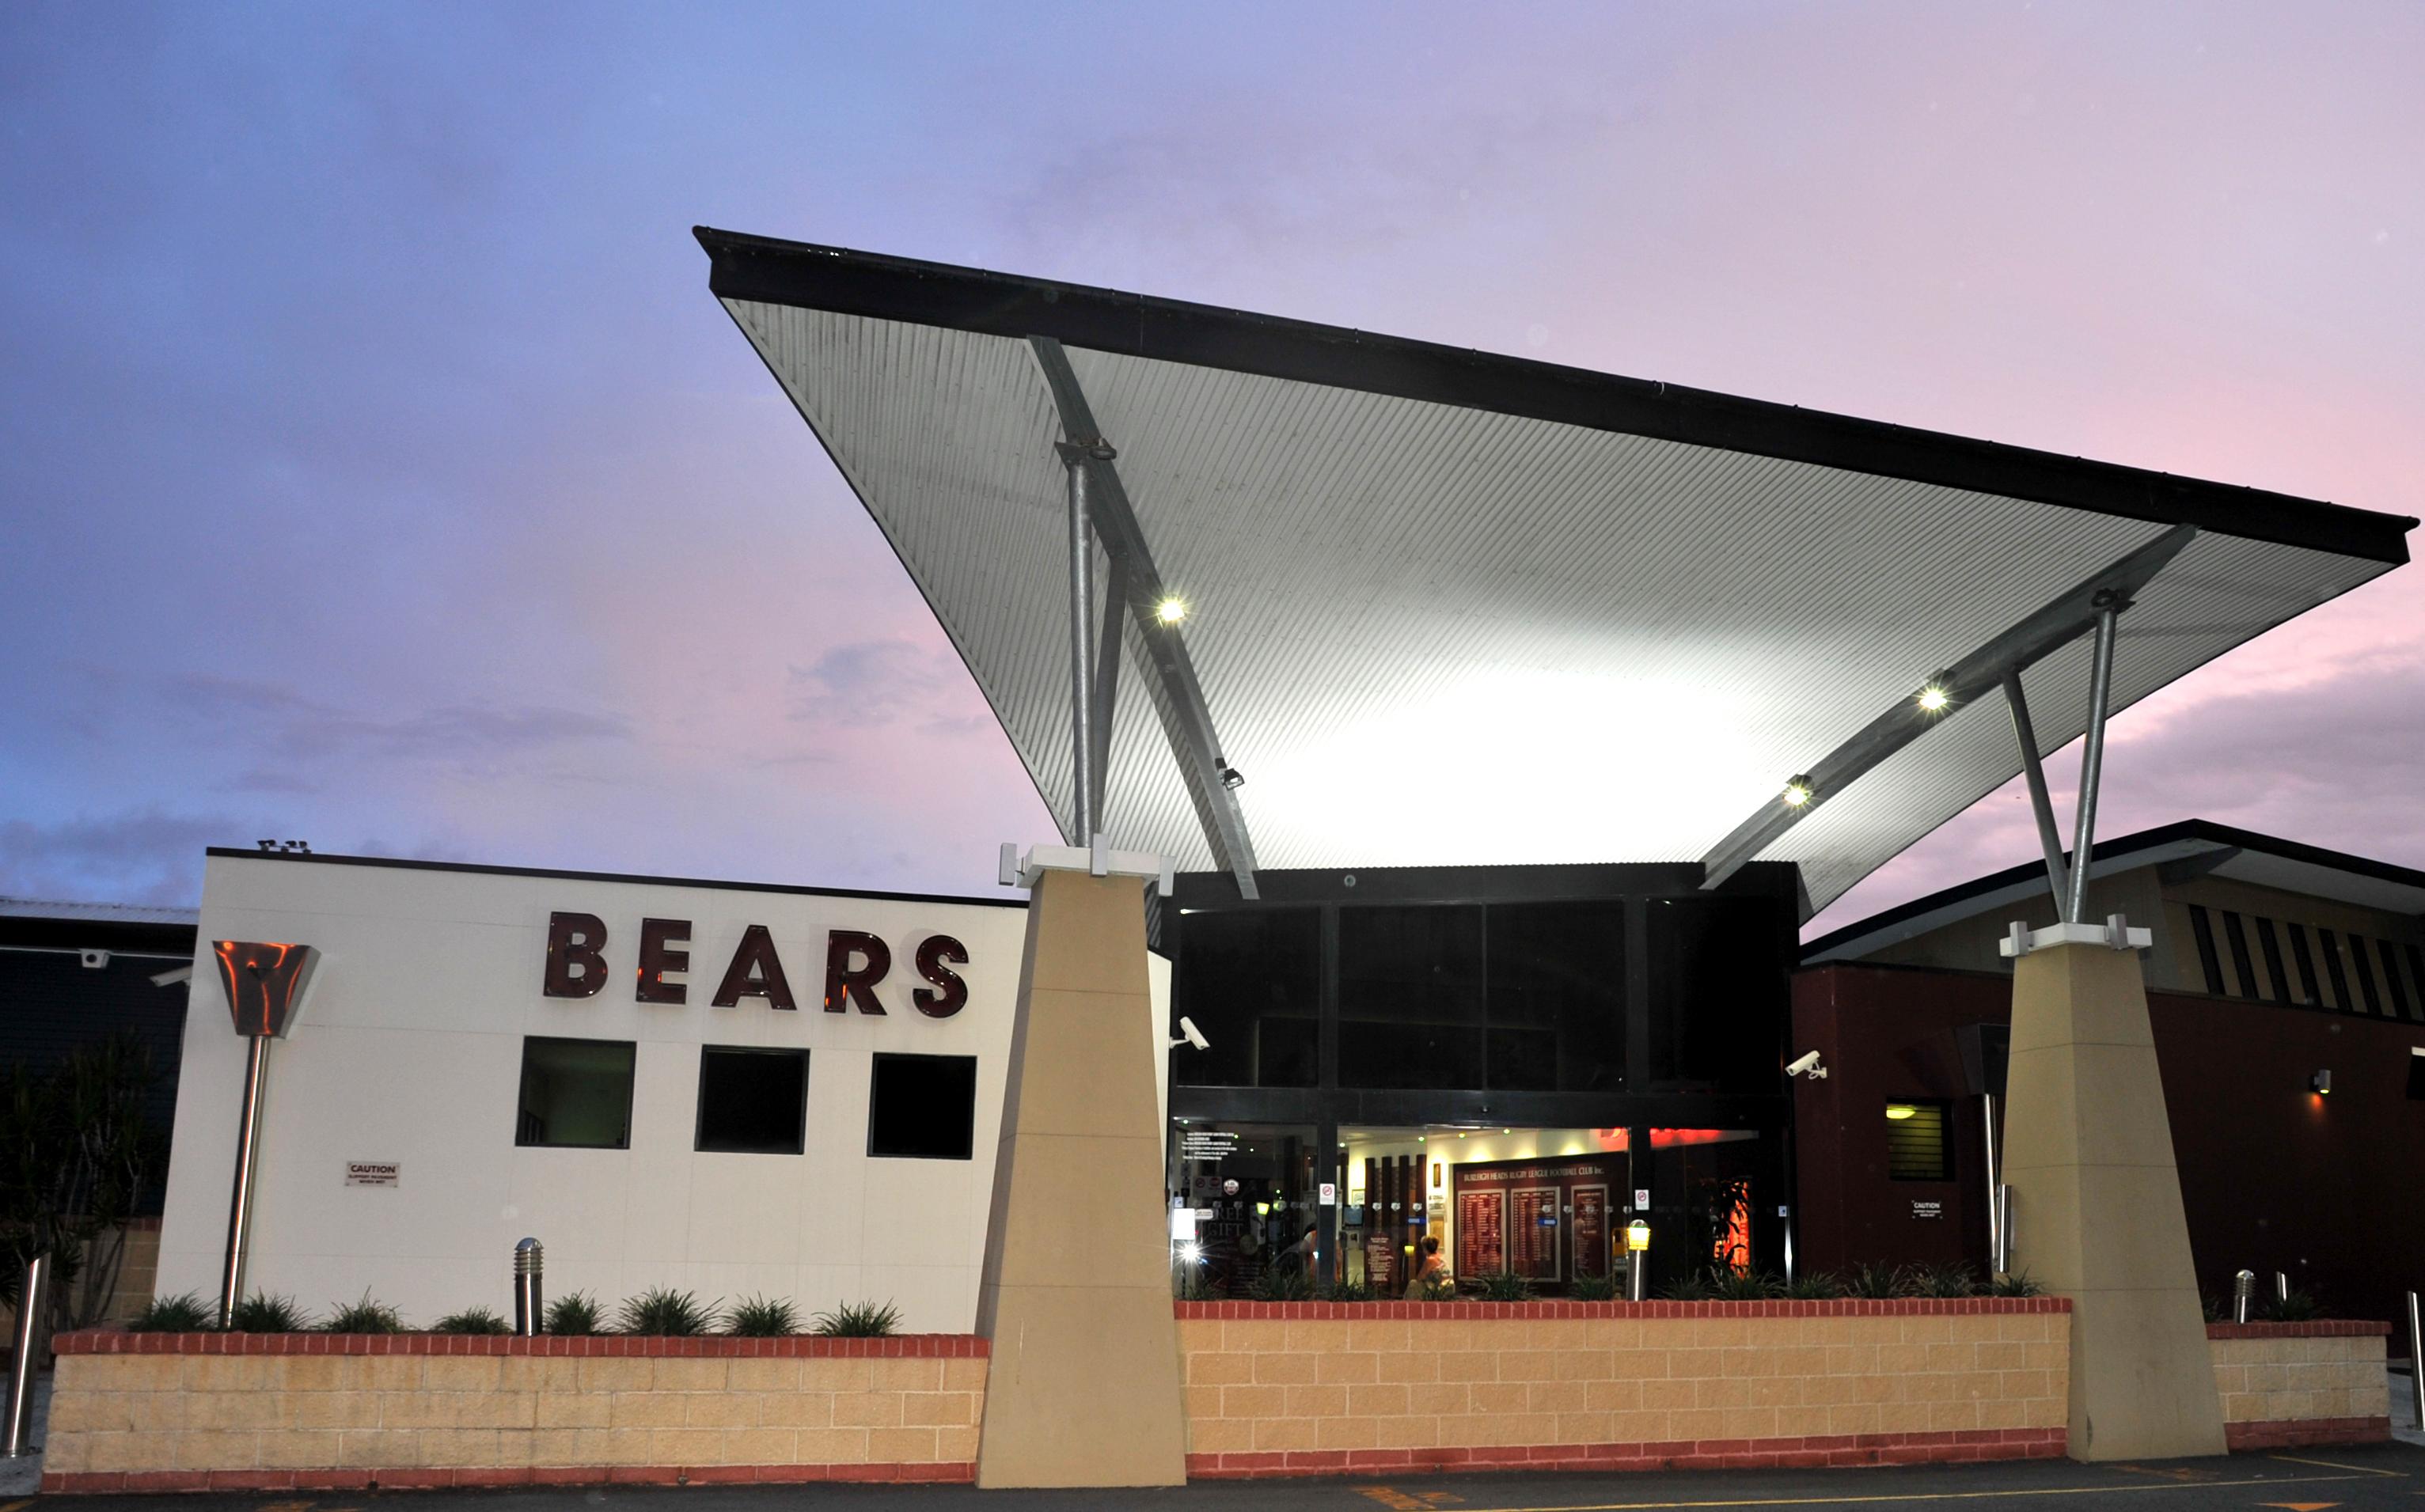 Burleigh Bears Logo and Images